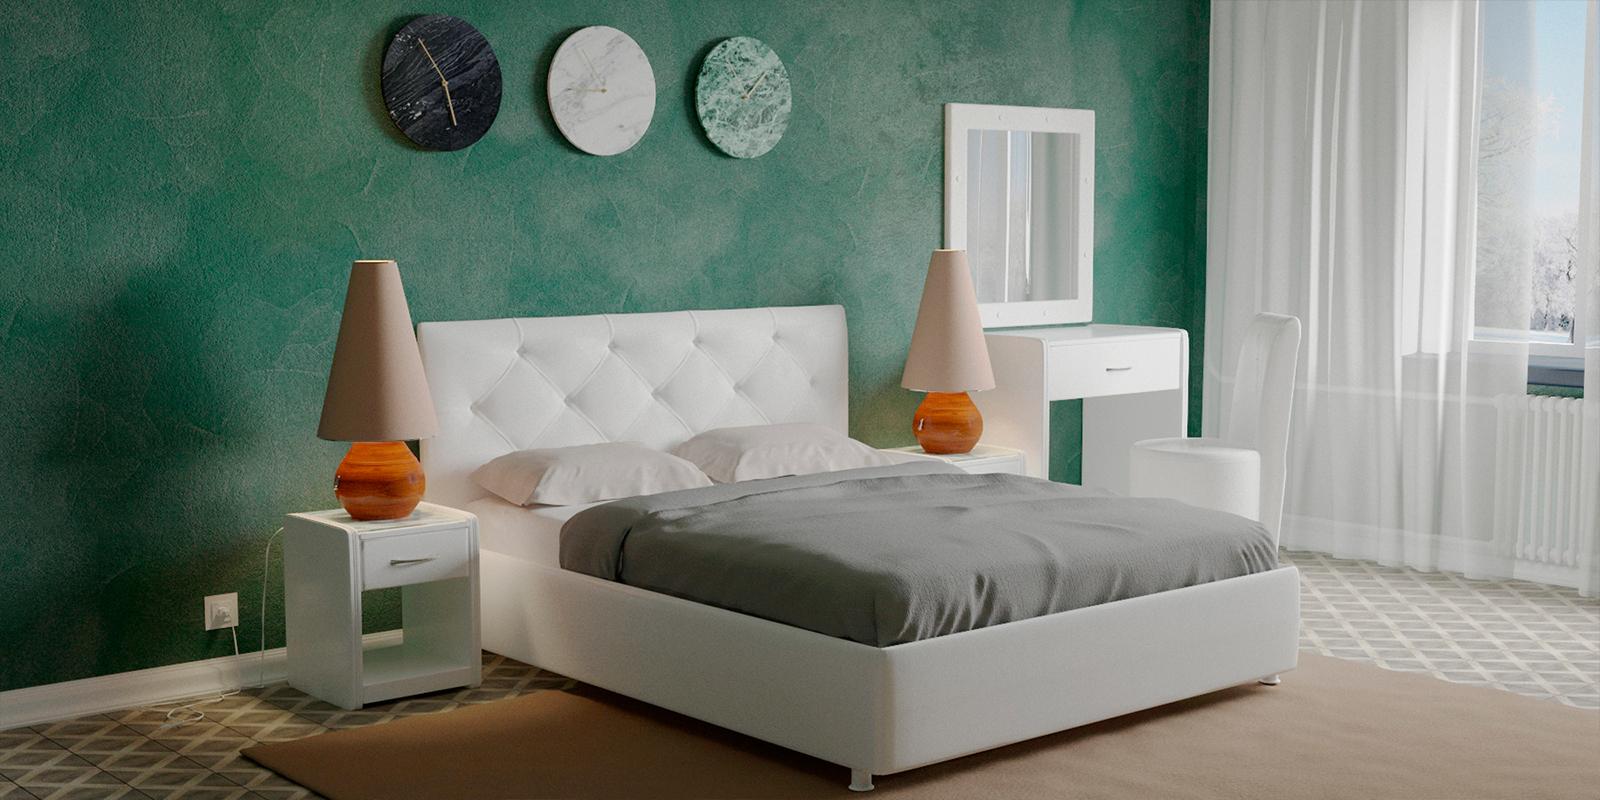 Купить Мягкая кровать 200х160 Малибу вариант №2 с ортопедическим основанием (Белый), HomeMe